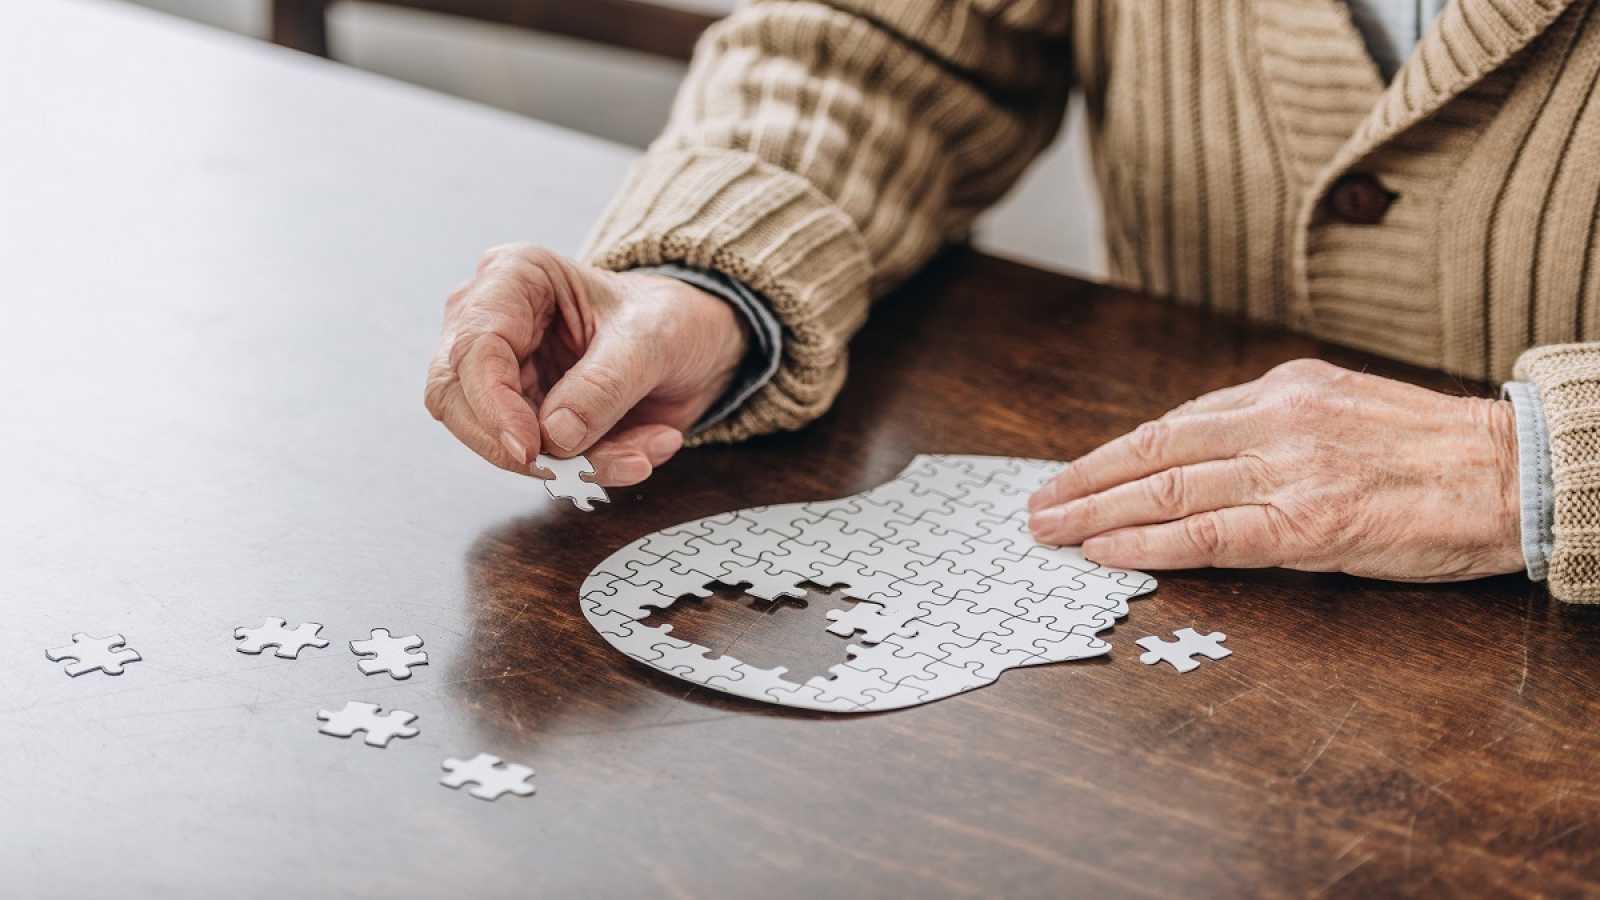 La cuarentena está siendo especialmente difícil en pacientes con un grado avanado de demencia.